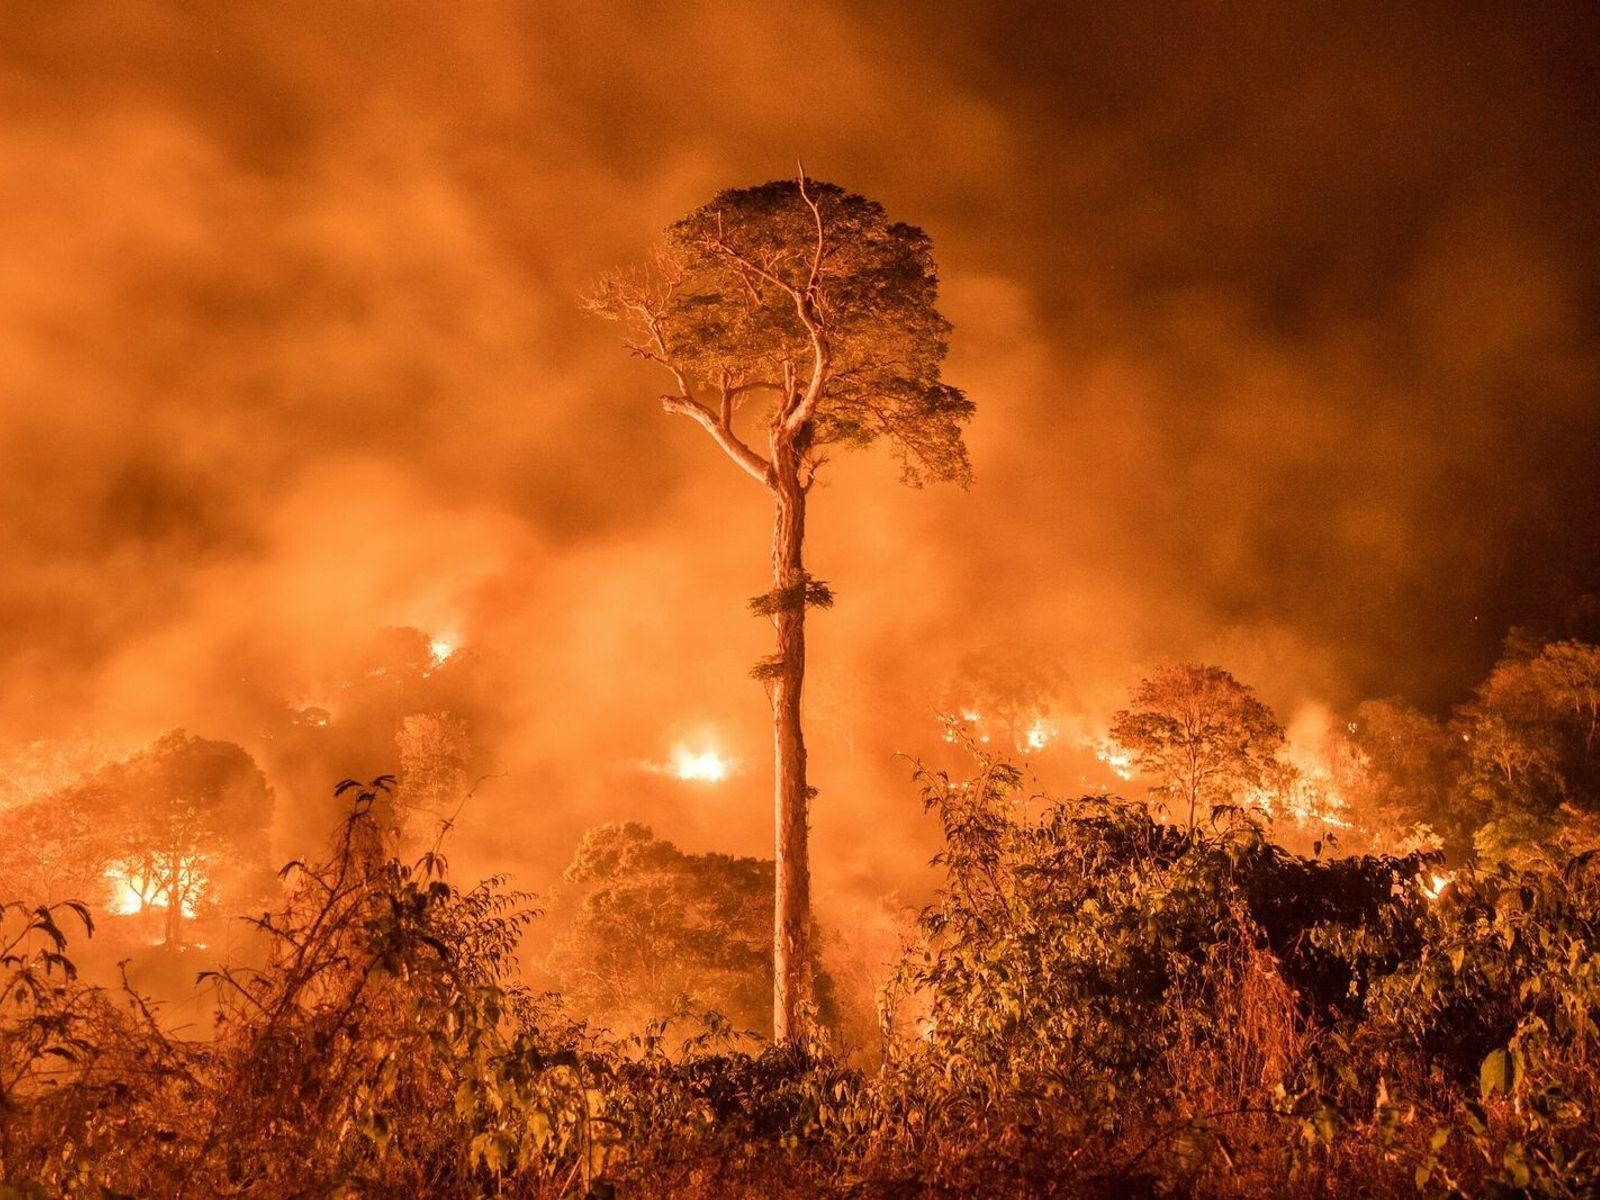 La selva amazónica se quema en Maranhão. Gracias a los incendios forestales y la deforestación descontrolada, ...